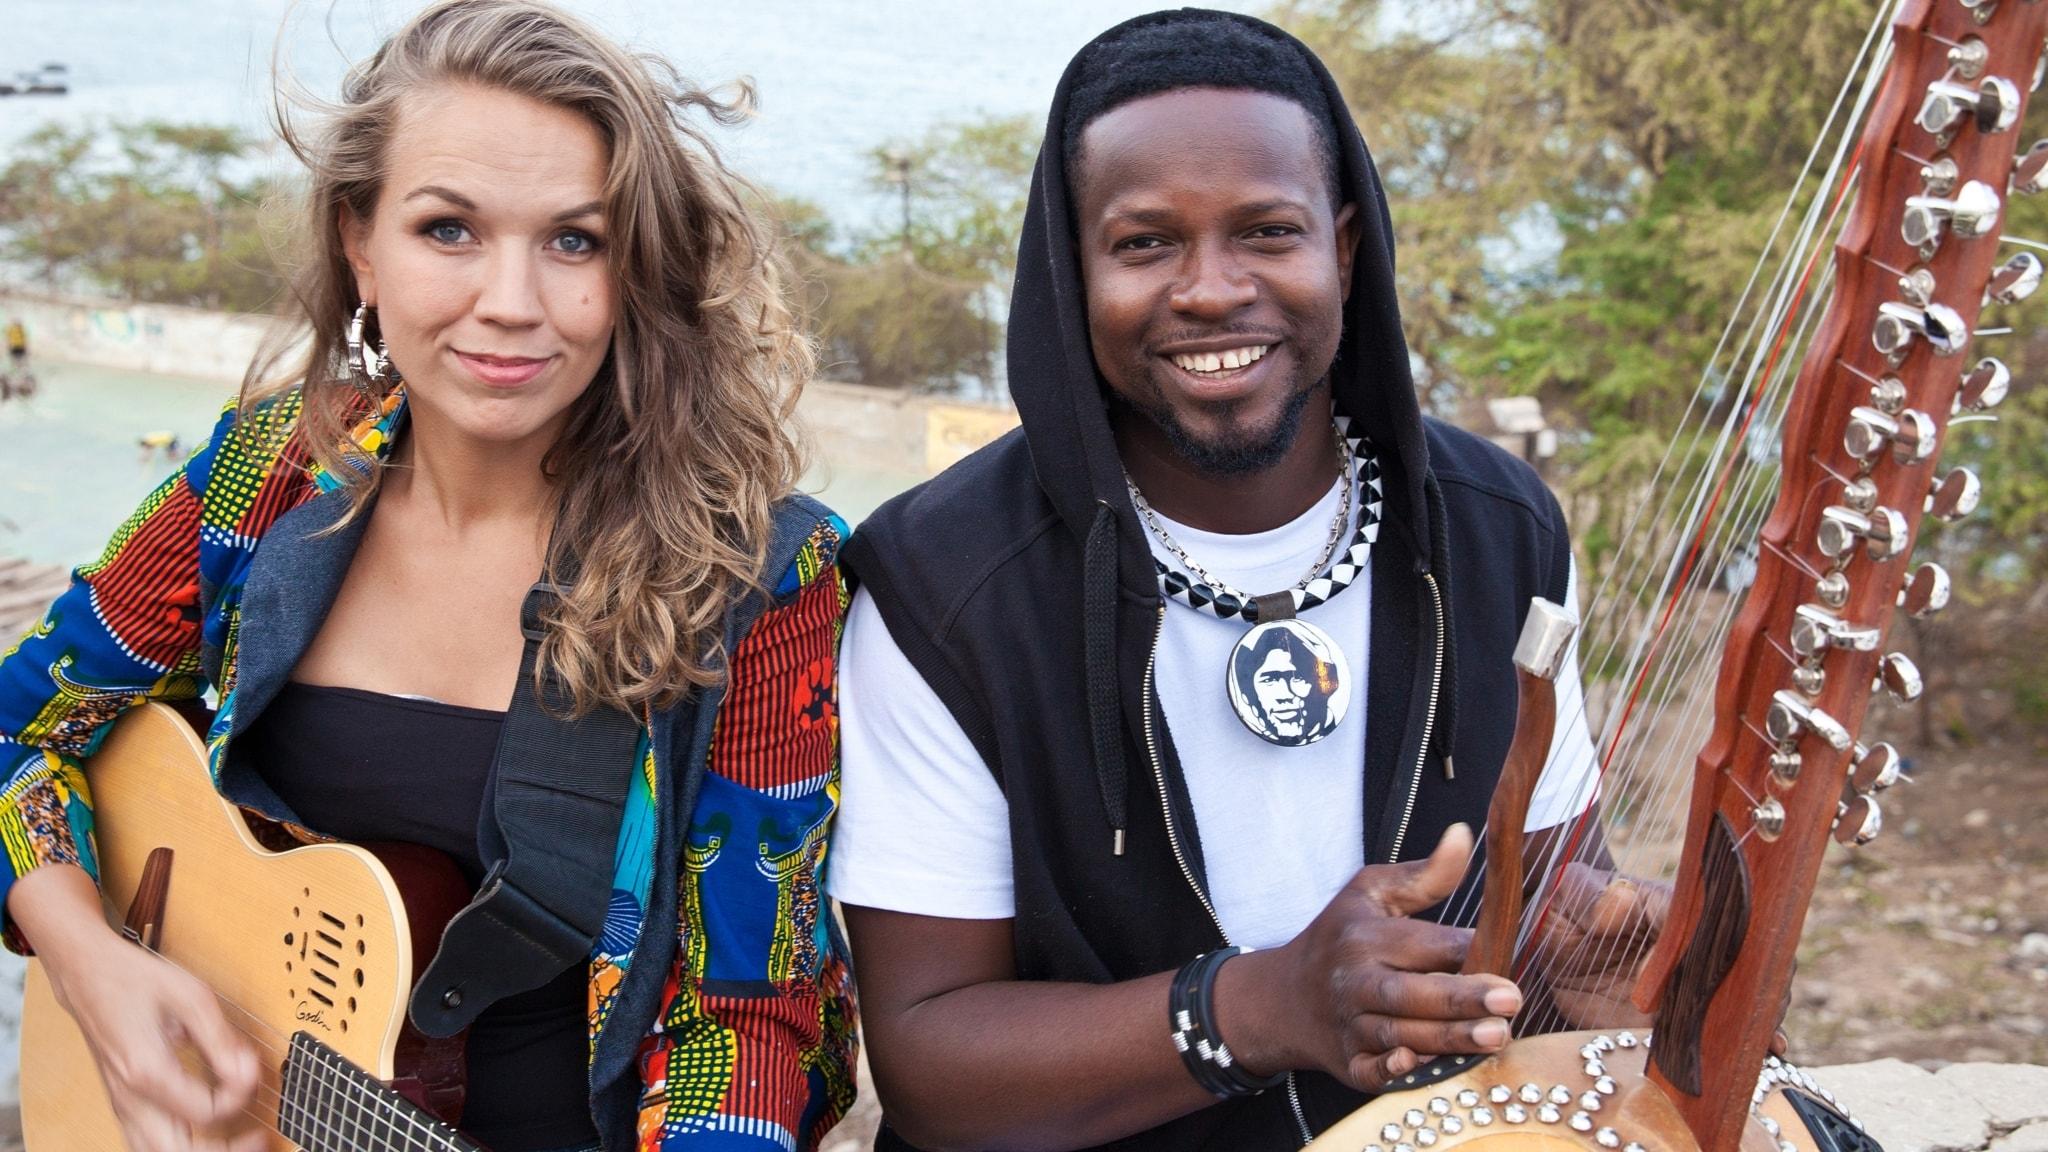 Svart, vit, kvinna, man och musik - Maher och Sousou Cissoko